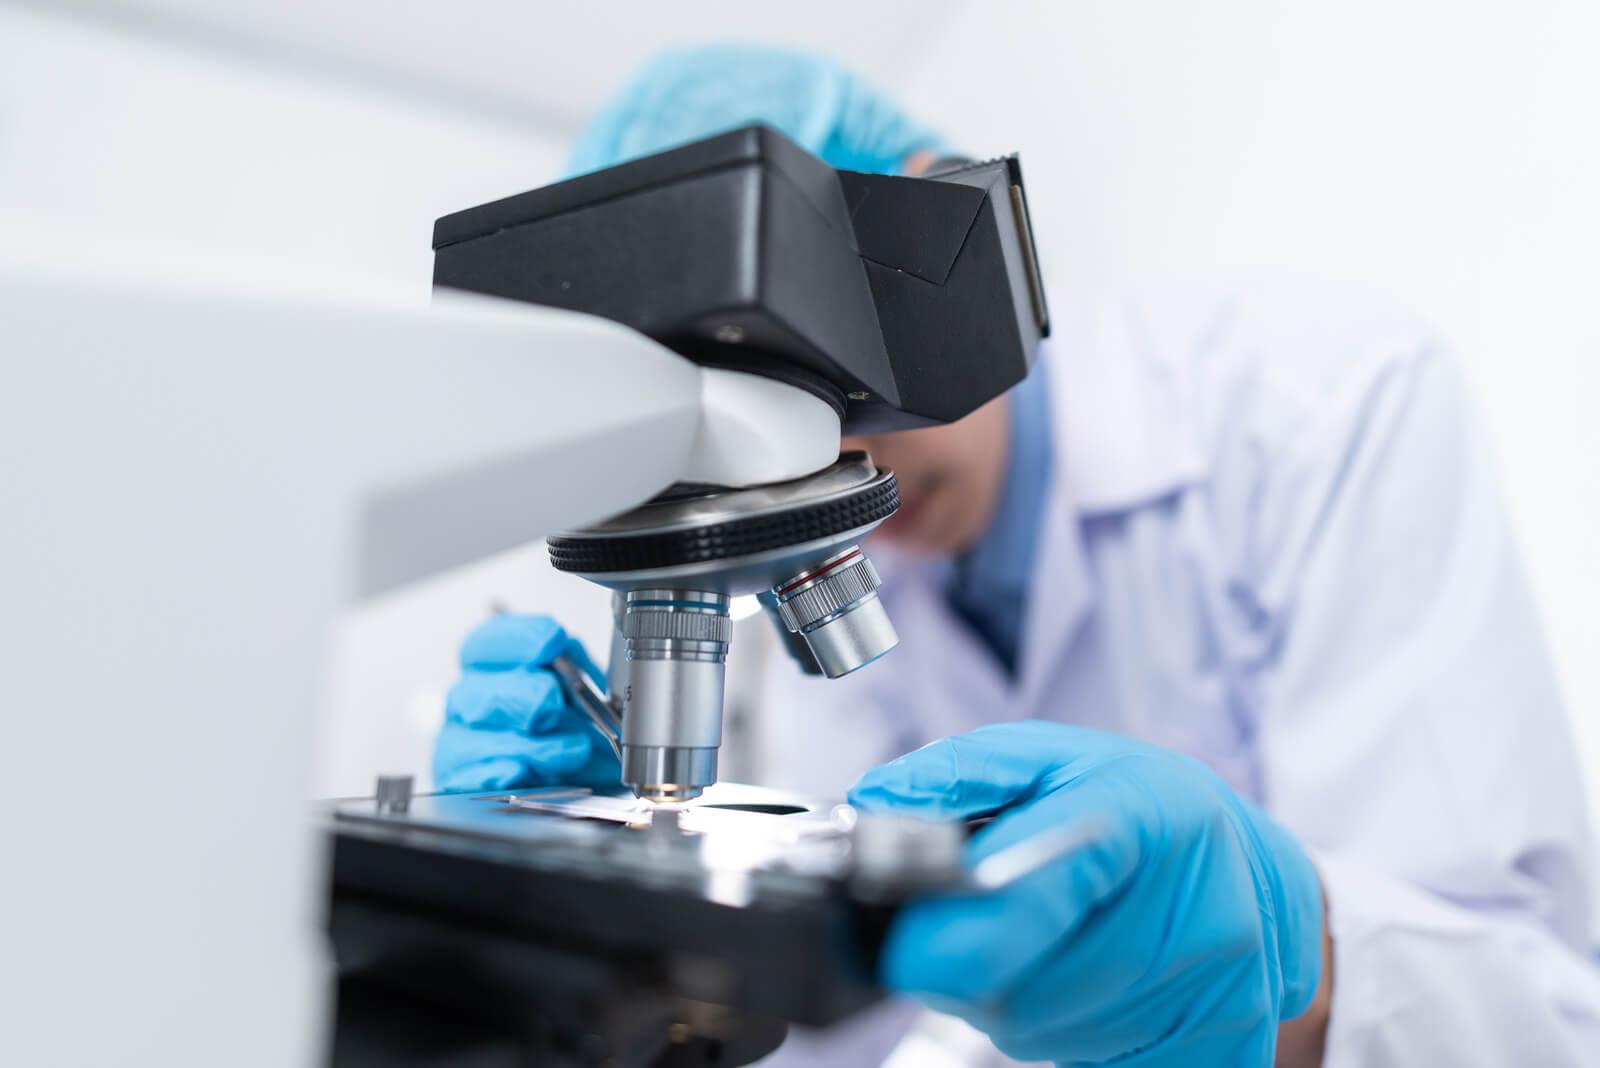 Росаккредитация проводит мониторинг деятельности аккредитованных лиц для минимизации последствий от распространения коронавирусной инфекции COVID–19